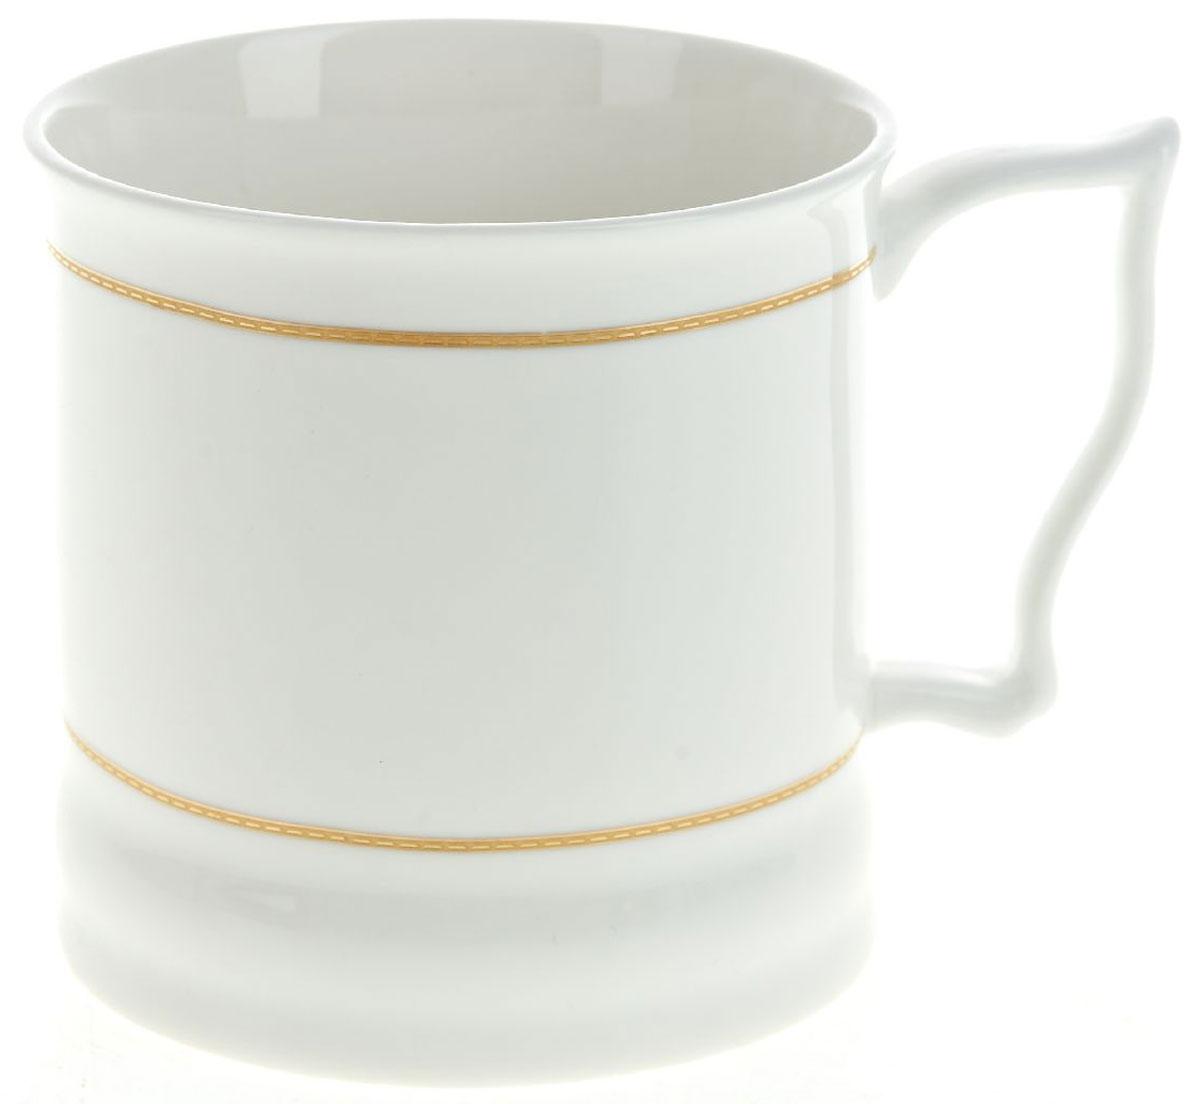 Кружка BHP Королевская кружка, 500 мл. M1870041M1870041Оригинальная кружка Best Home Porcelain, выполненная из высококачественного фарфора, сочетает в себе простой, утонченный дизайн с максимальной функциональностью.Можно использовать в посудомоечной машине.